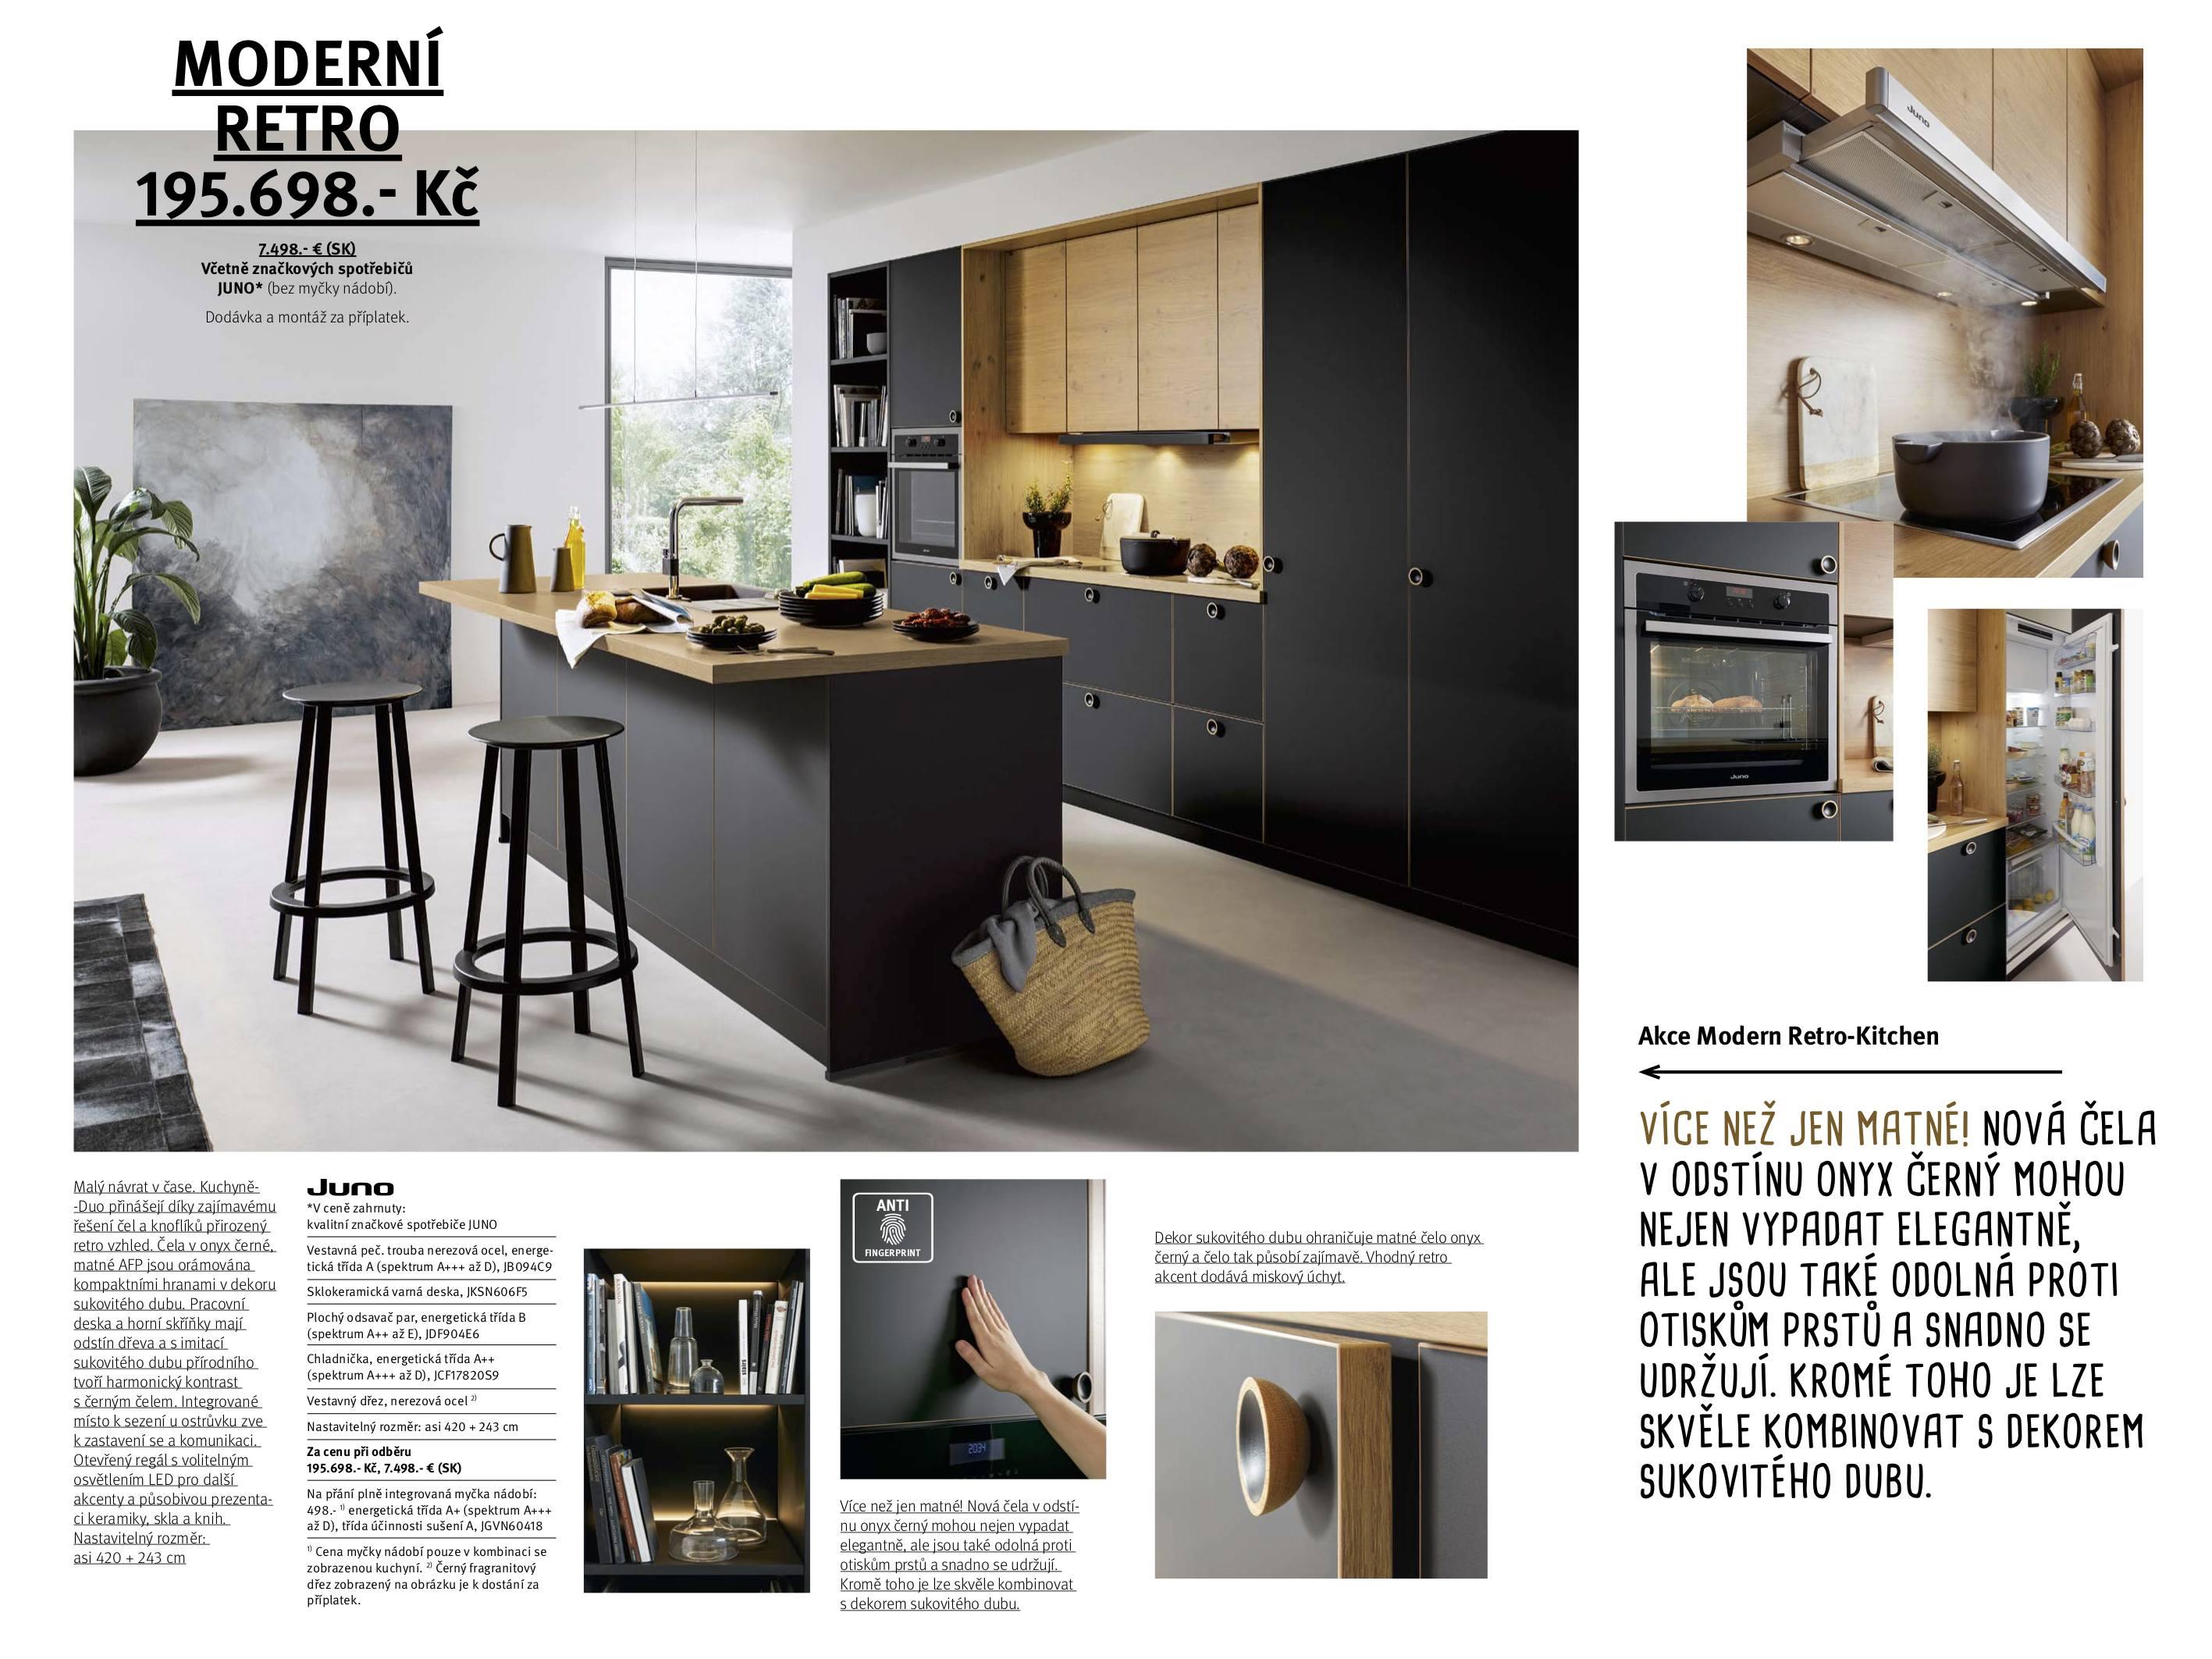 Schuller_nemecka_kuchyna_inspire_design_poprad_promolist2